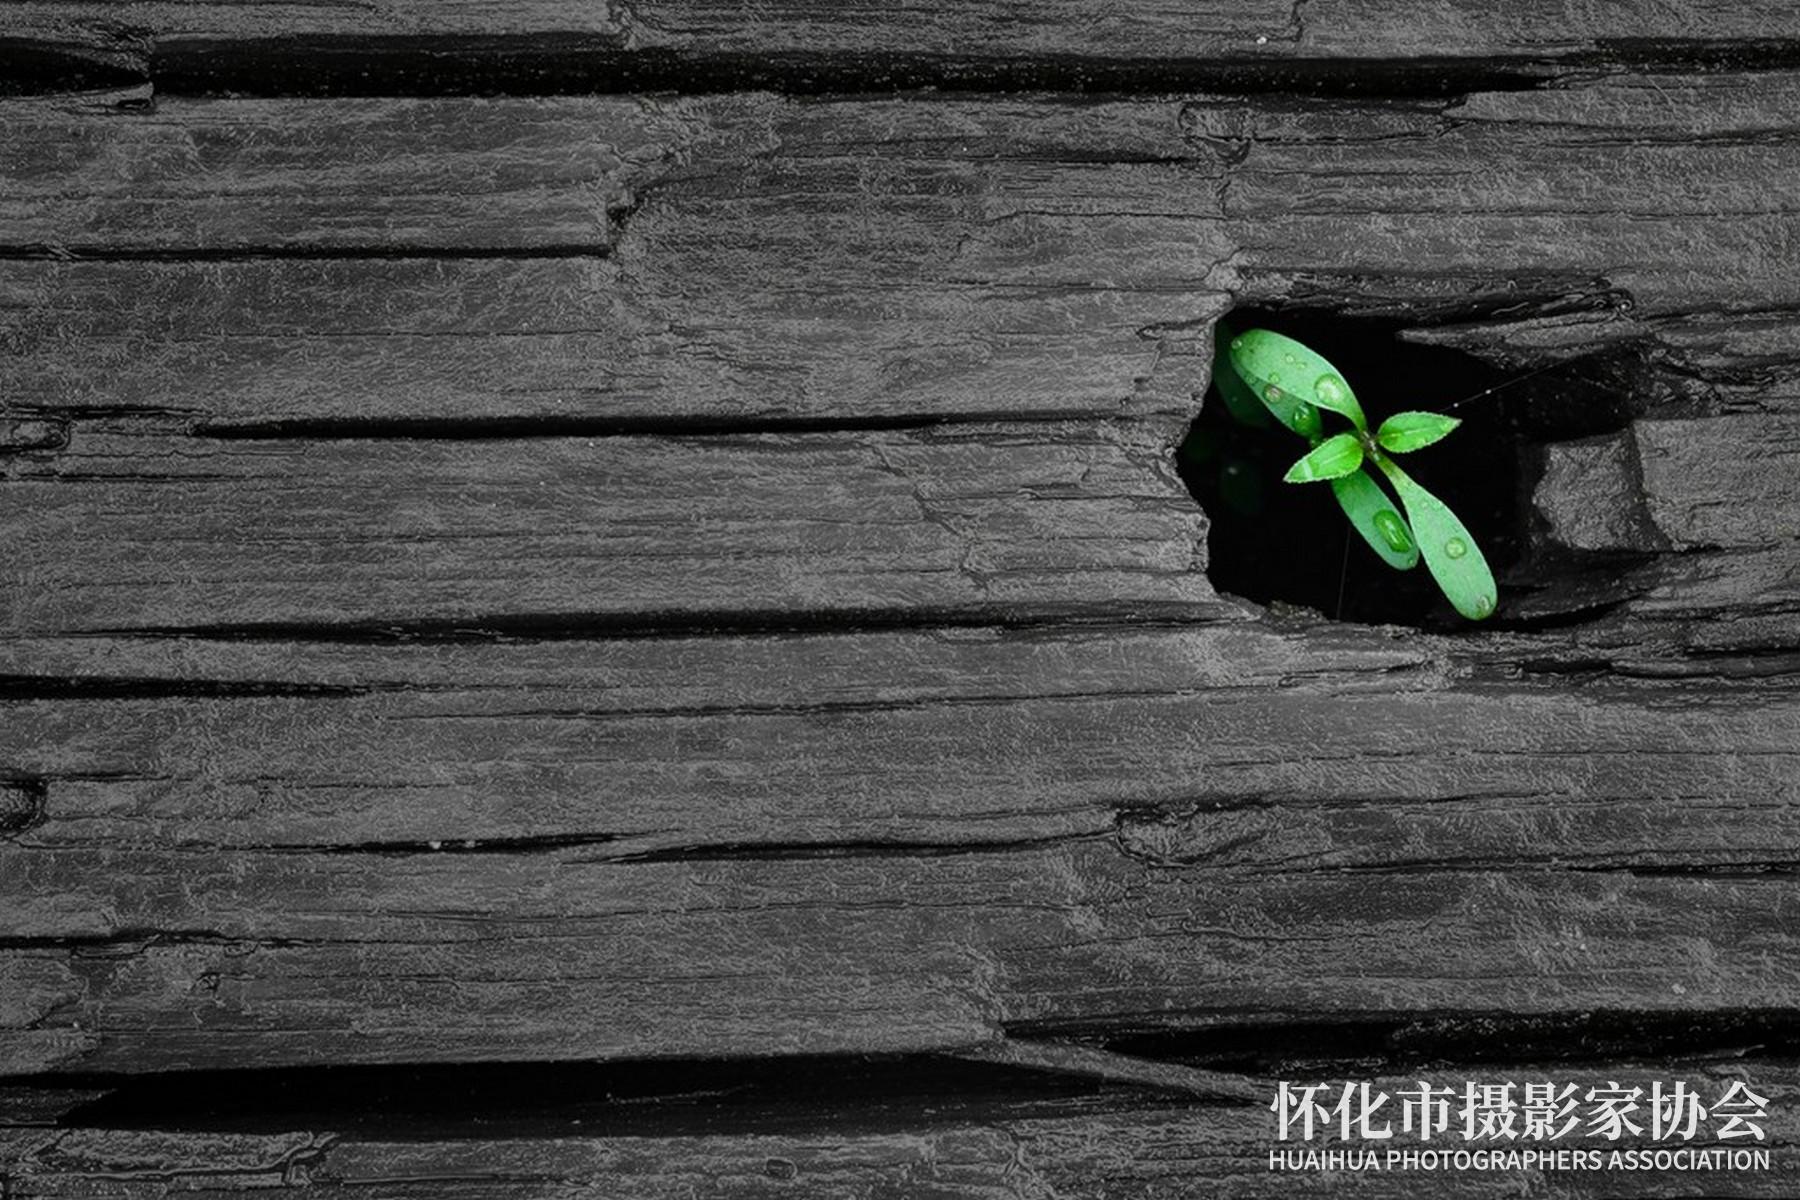 《生命礼赞》杨志东